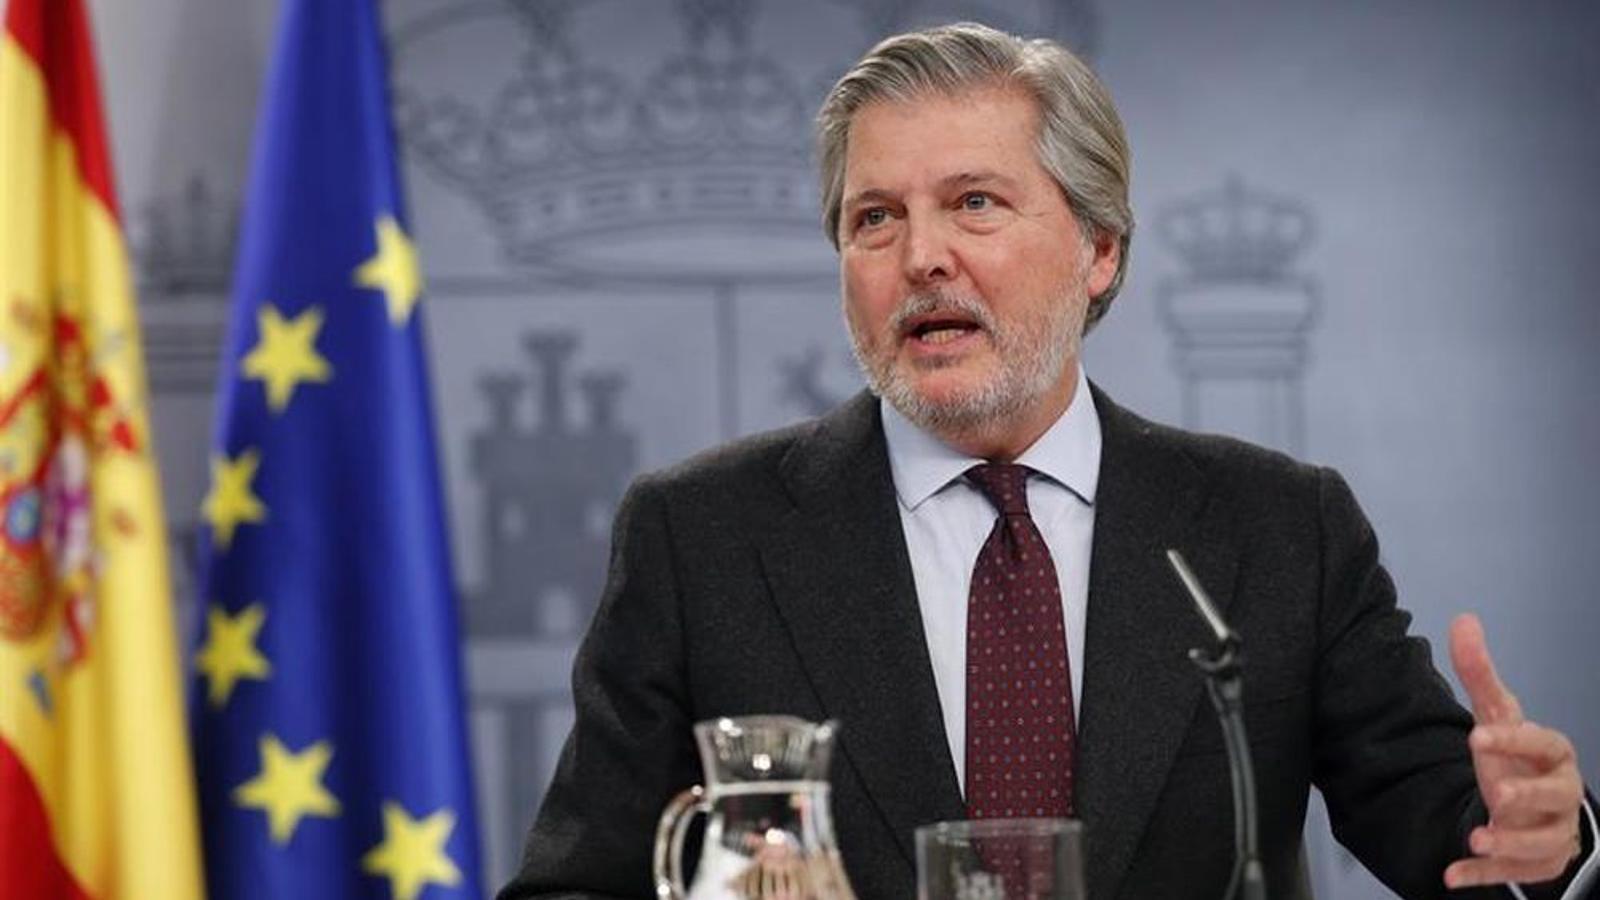 El portaveu del govern espanyol, Íñigo Méndez de Vigo